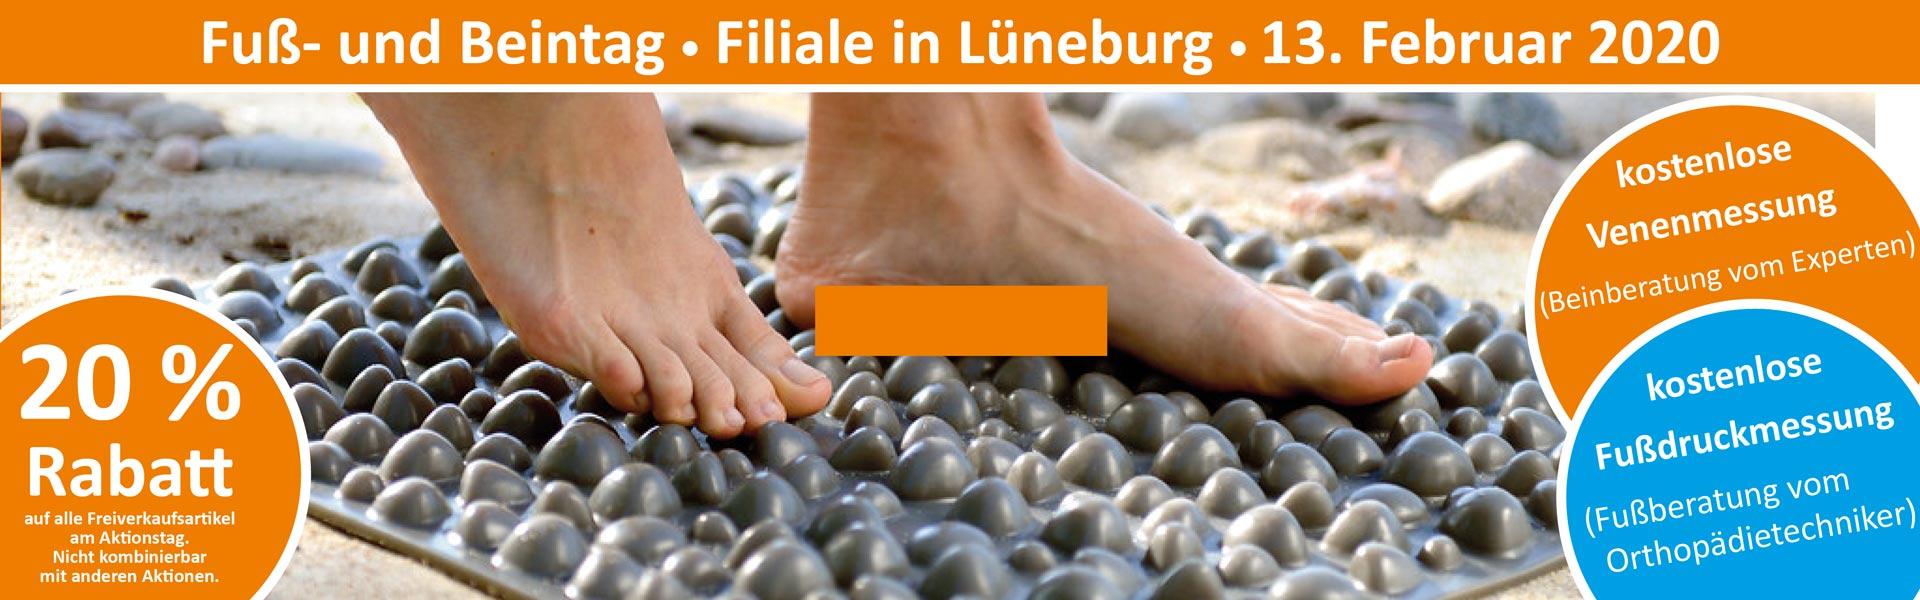 Sanitätshaus Lappe - Fuß- und Beintag Lüneburg 13.2.20